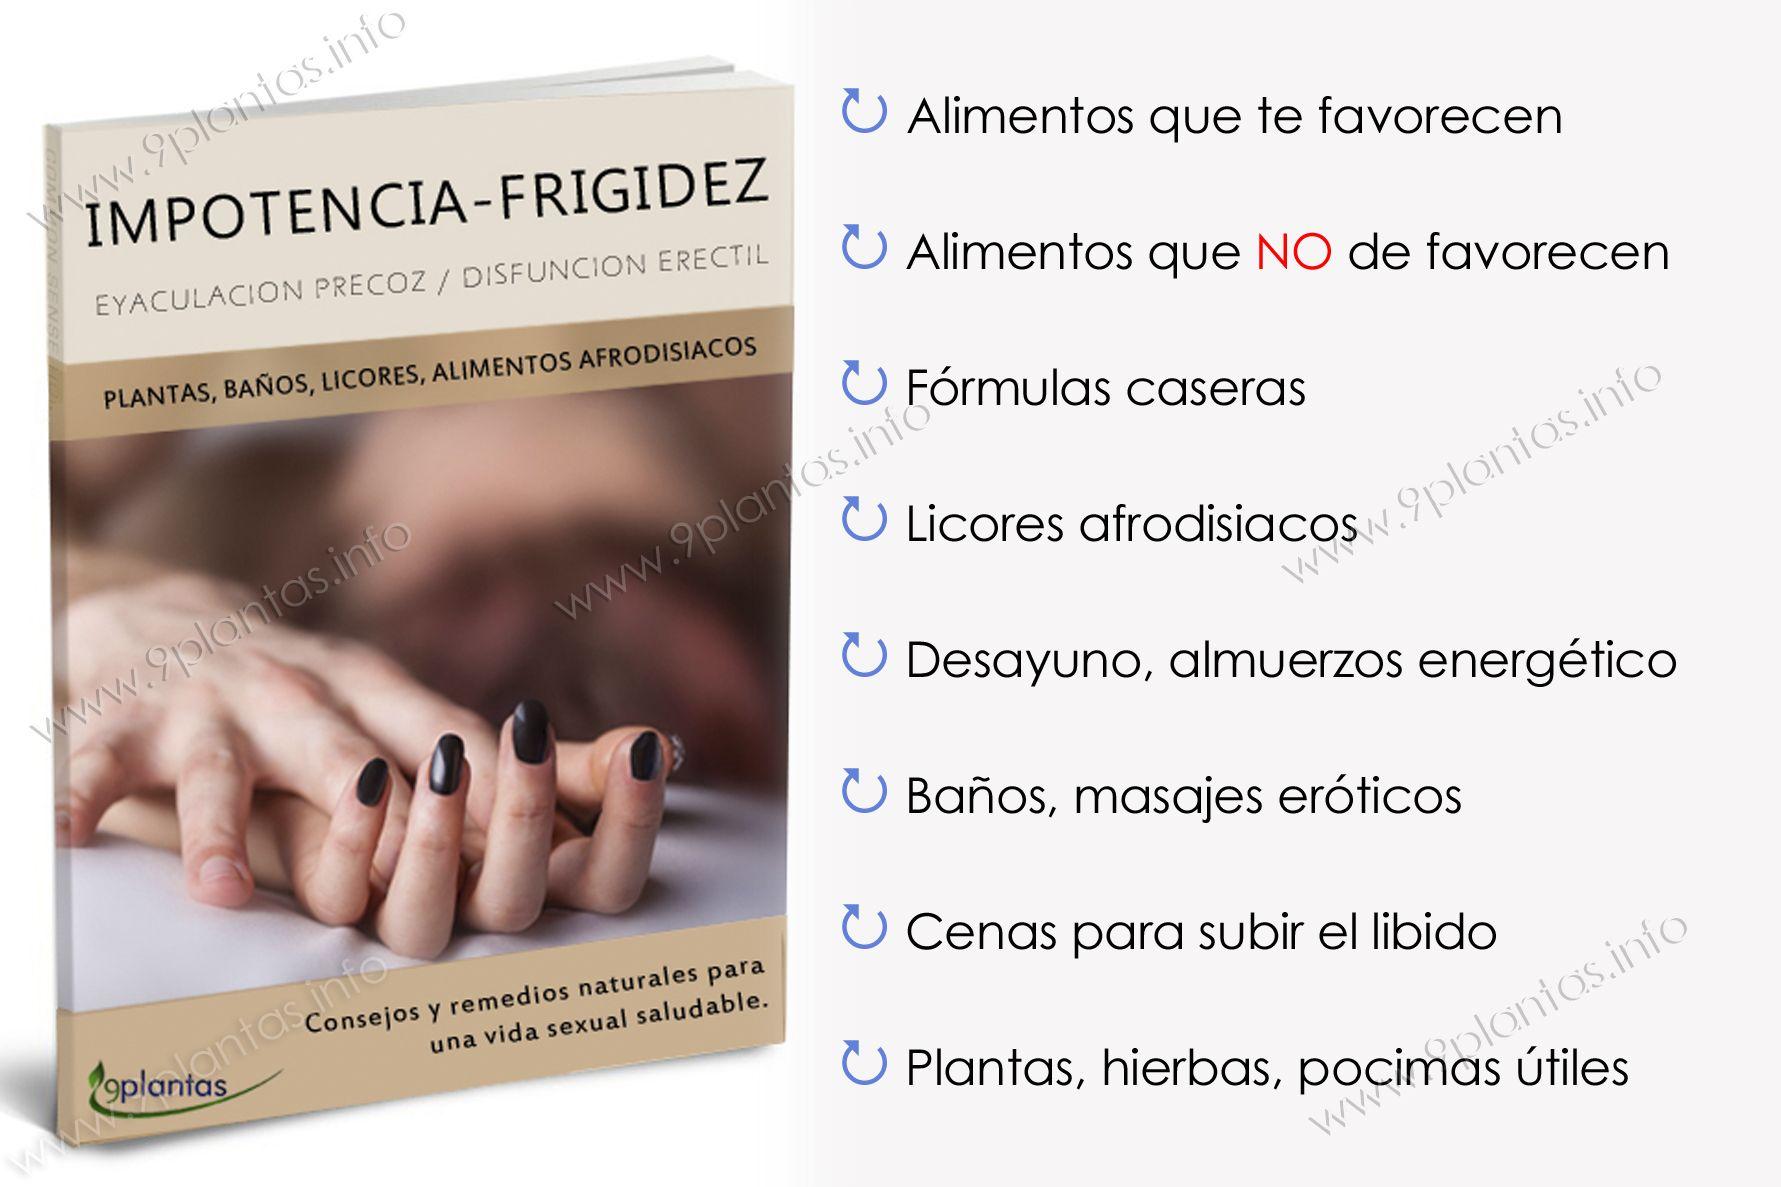 E-book | impotencia, frigidez, eyaculación precoz, disfunción eréctil